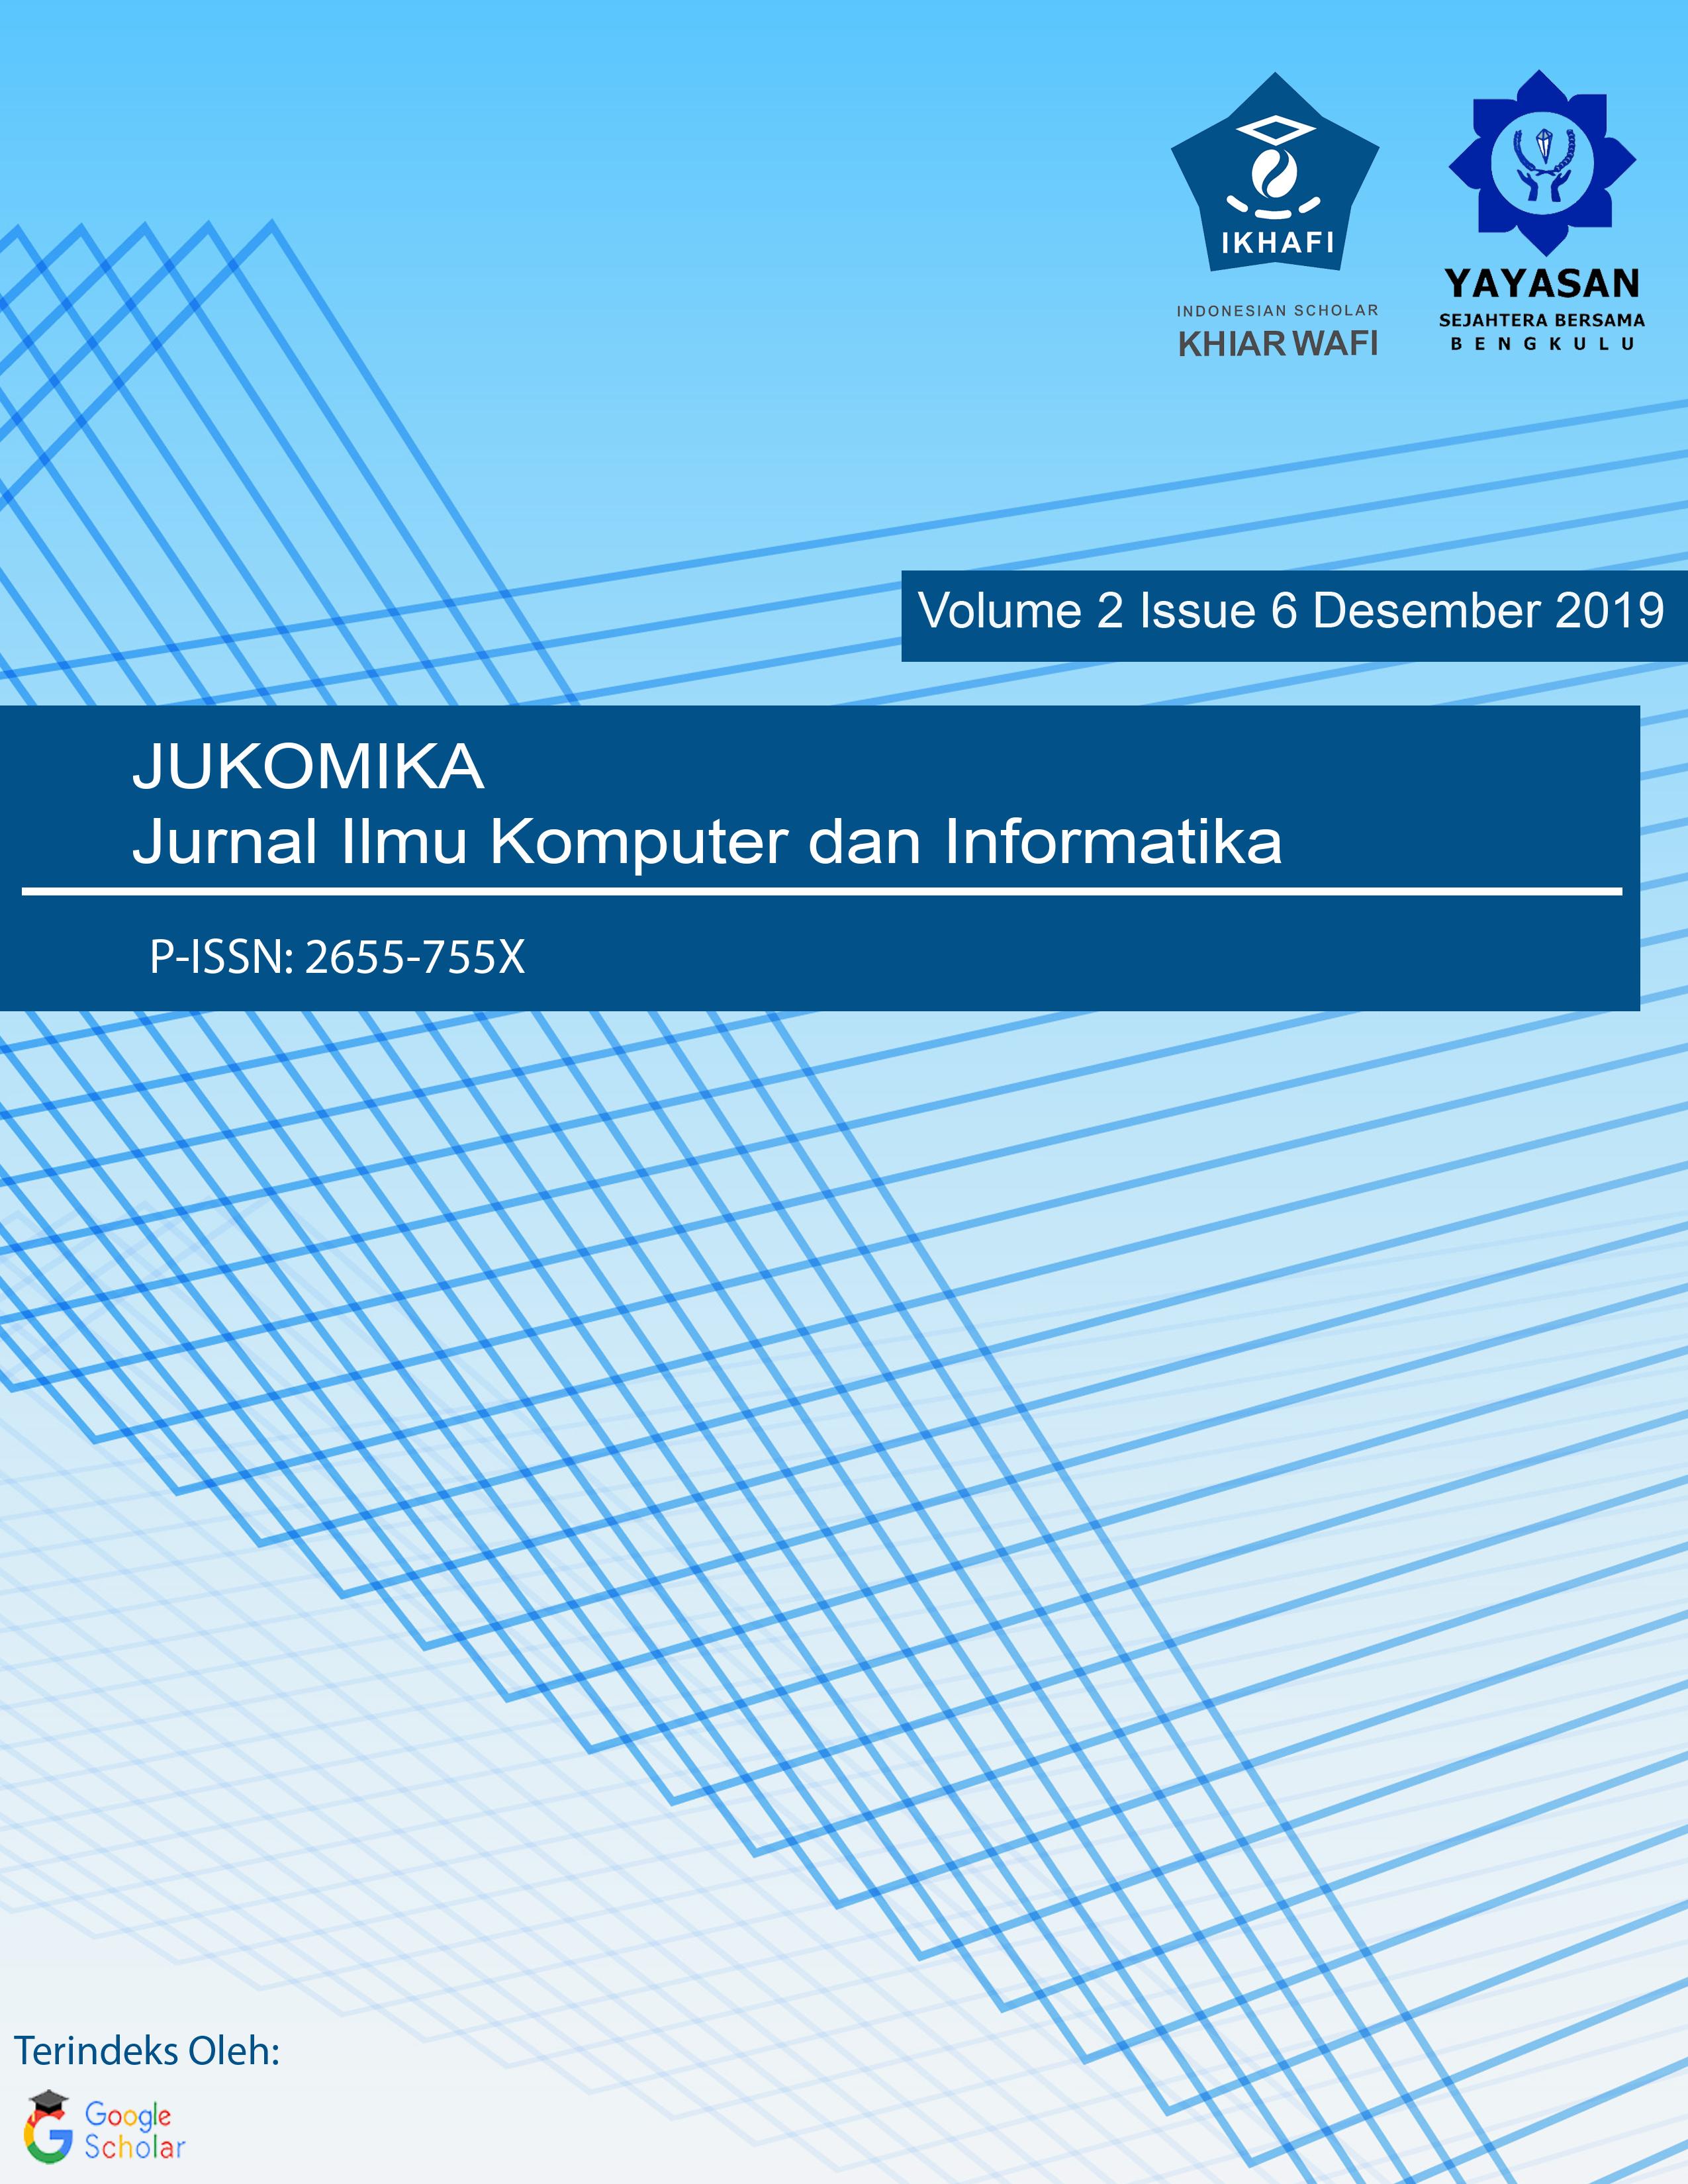 Jukomika Jurnal Ilmu Komputer Dan Informatika